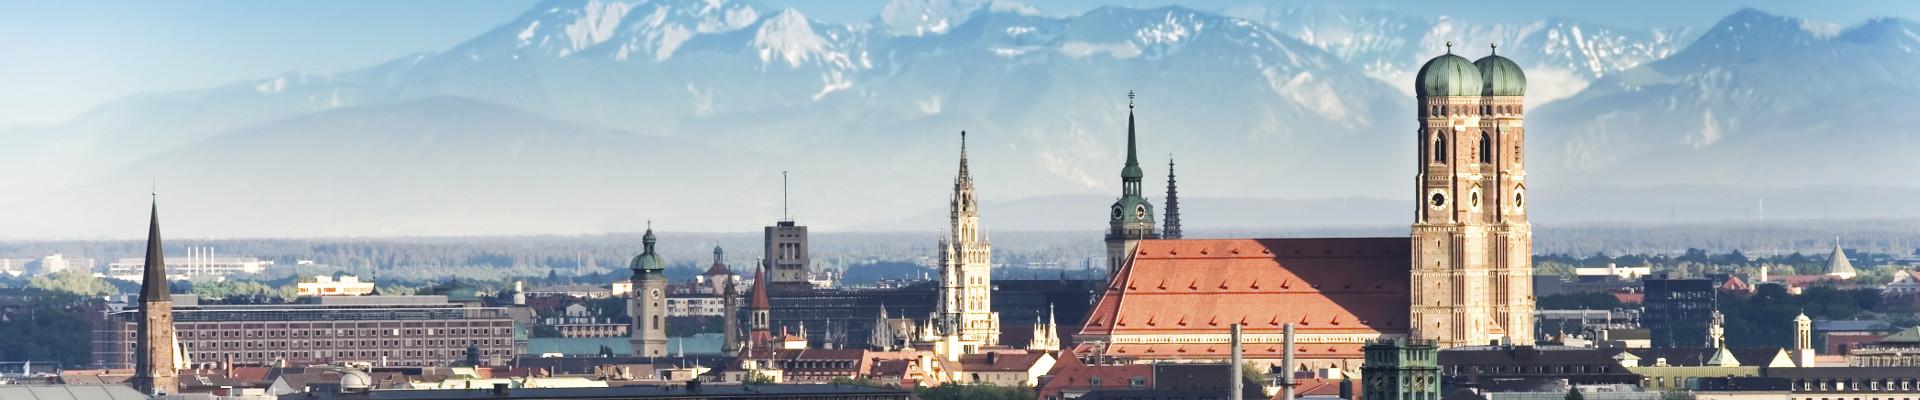 iStock_gekauft_Munich-Skyline_form